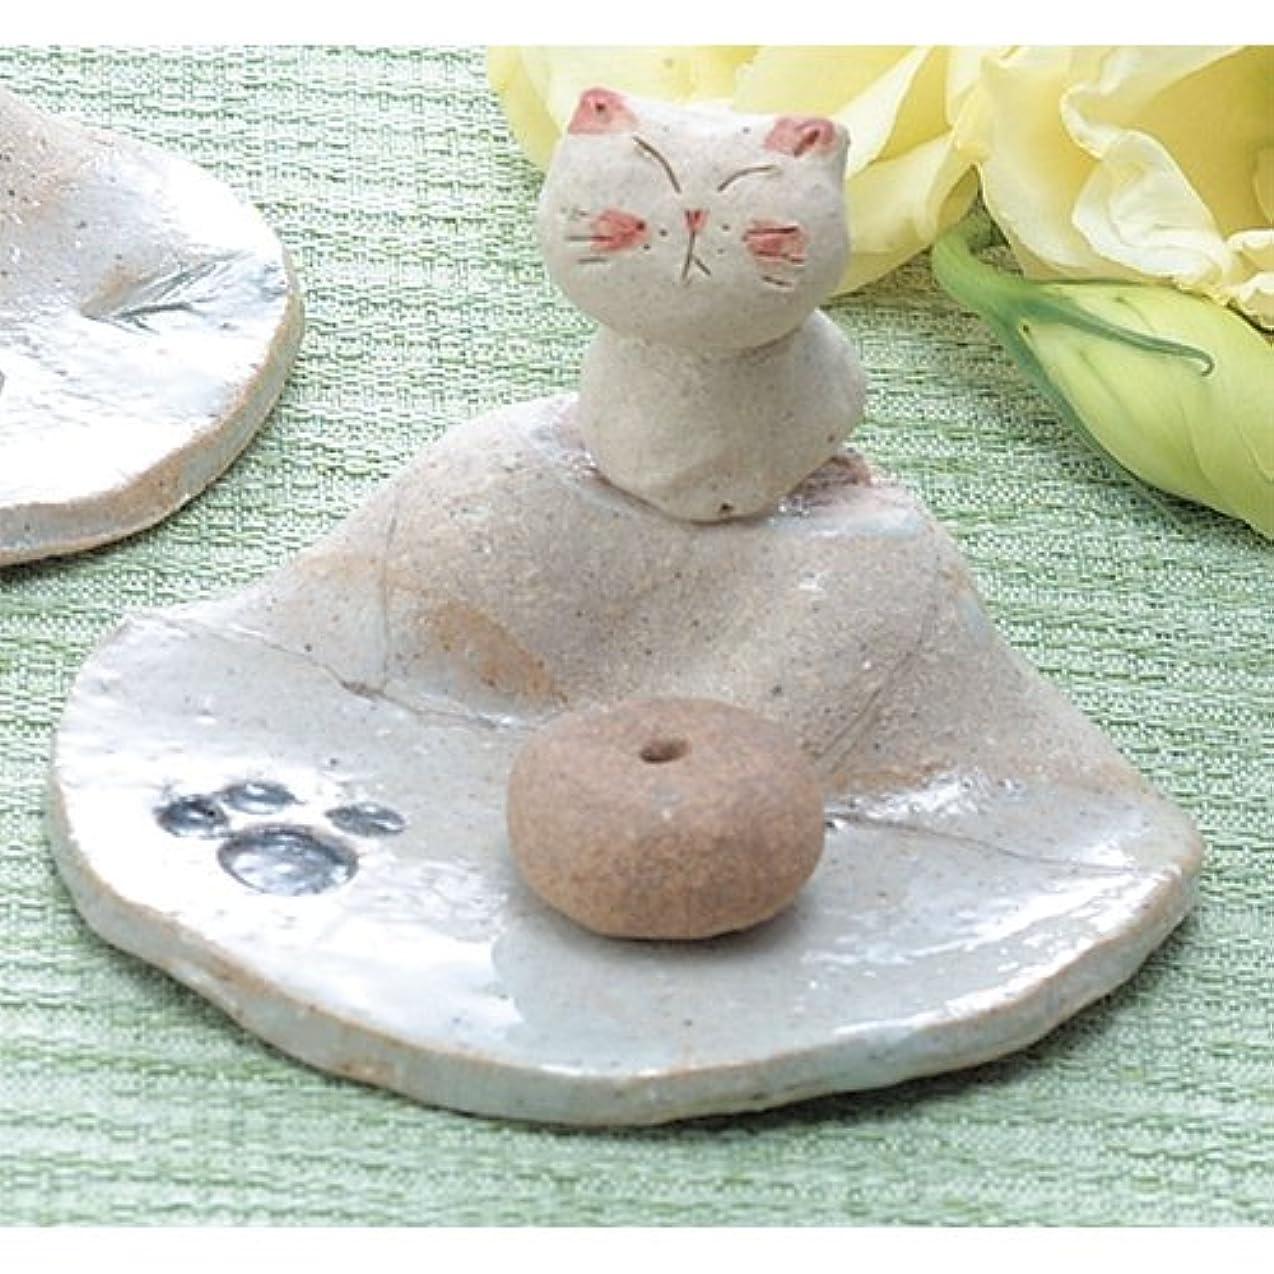 繊維嘆願単なる香皿 ほっこり ネコ 香皿 [H4cm] プレゼント ギフト 和食器 かわいい インテリア